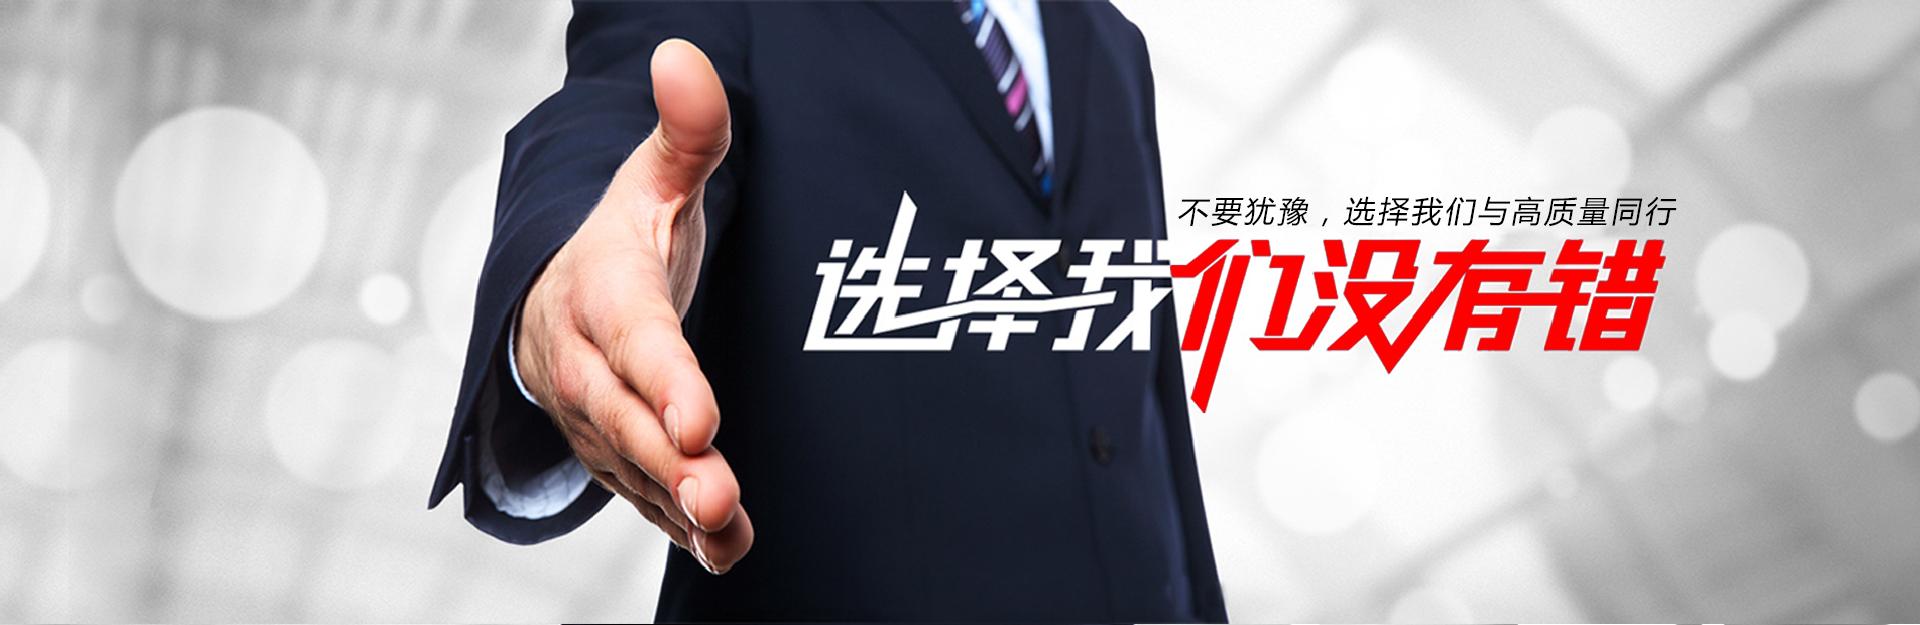 福建鑫福暖通裝飾工程有限公司